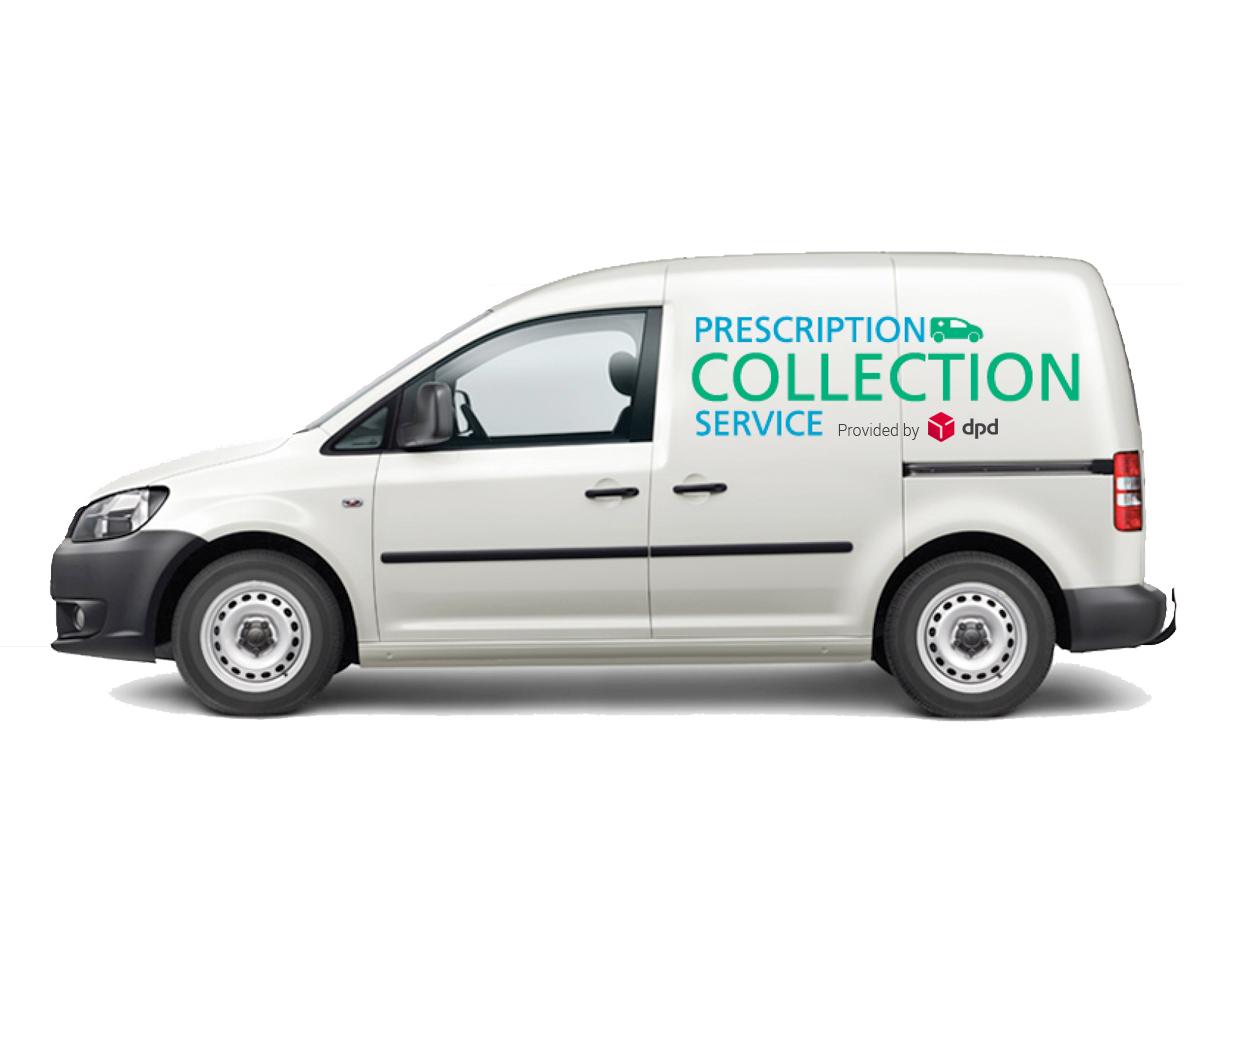 Premium Prescription Collection Service